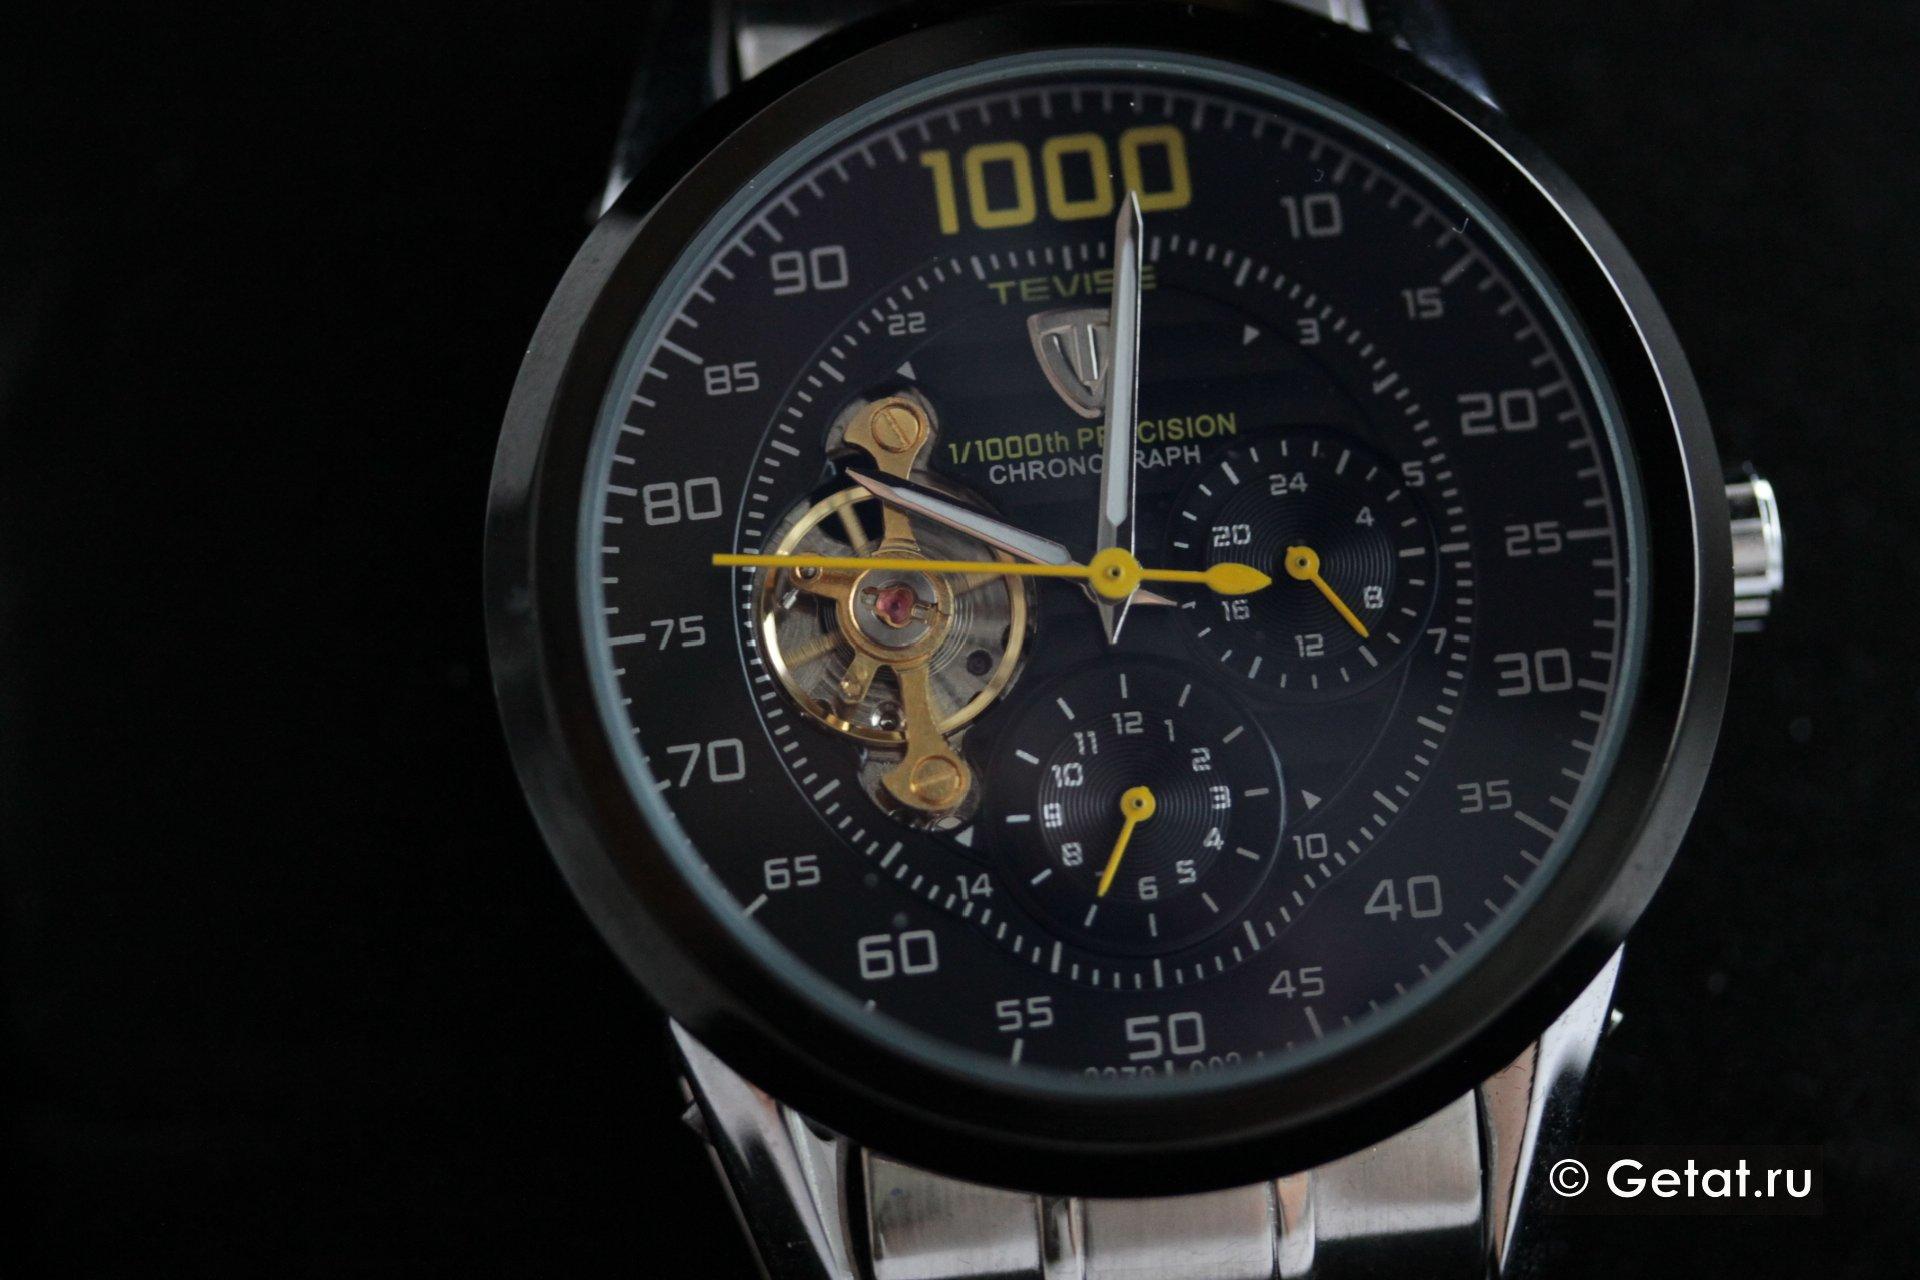 В продаже Tevise и Weide — 2 часов за 2 тысячи